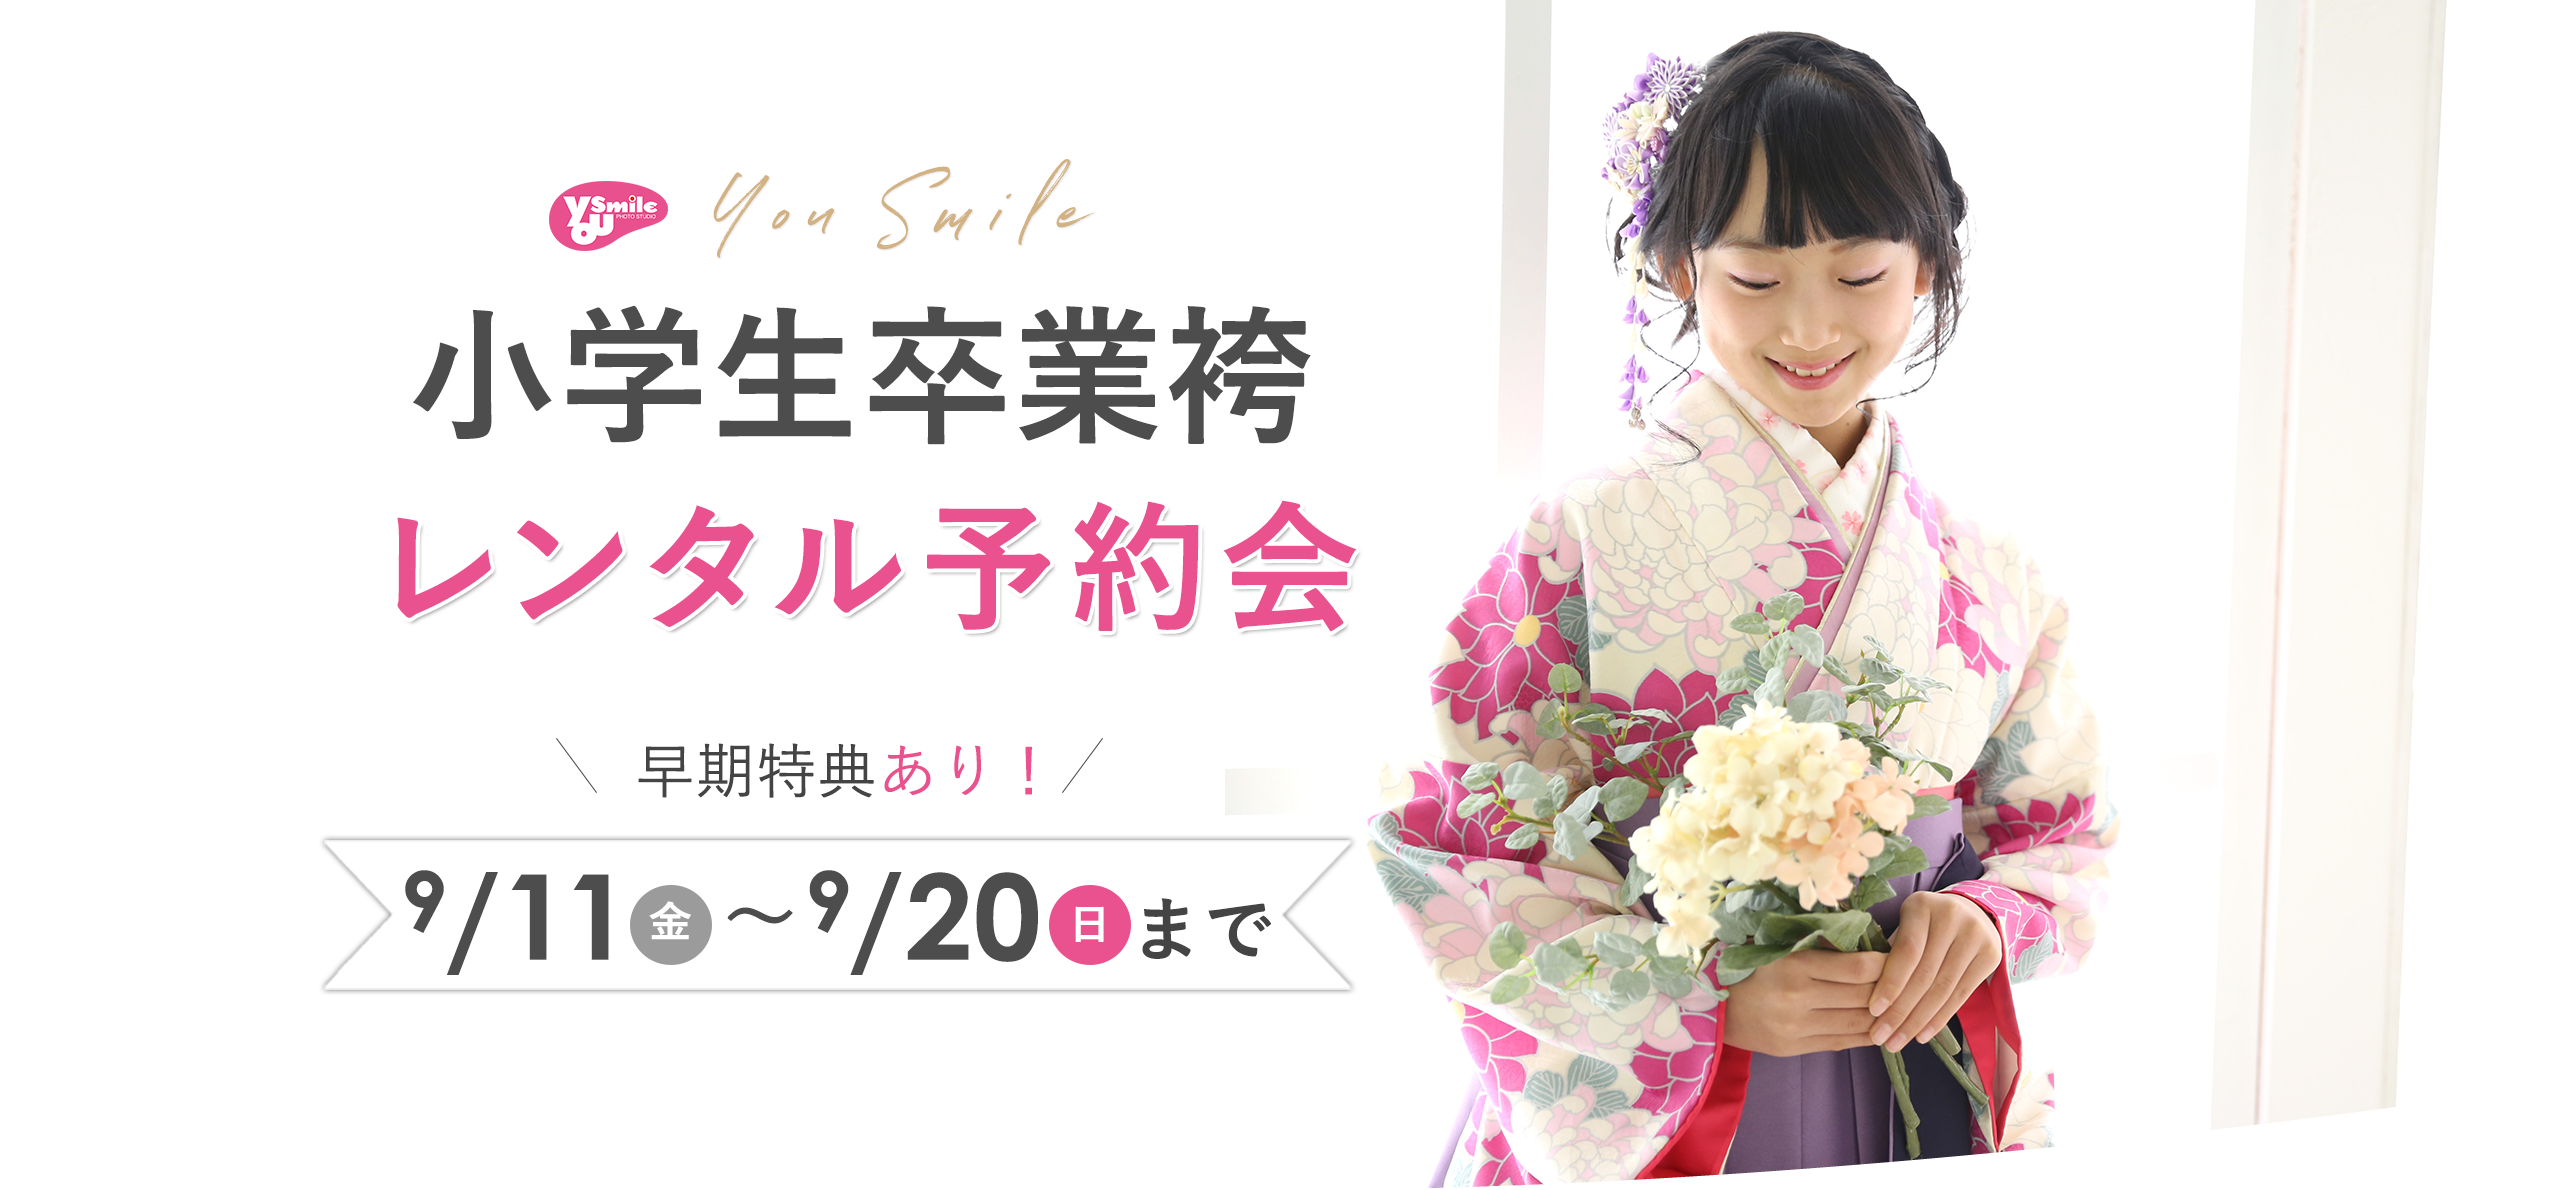 小学生卒業袴レンタル予約会